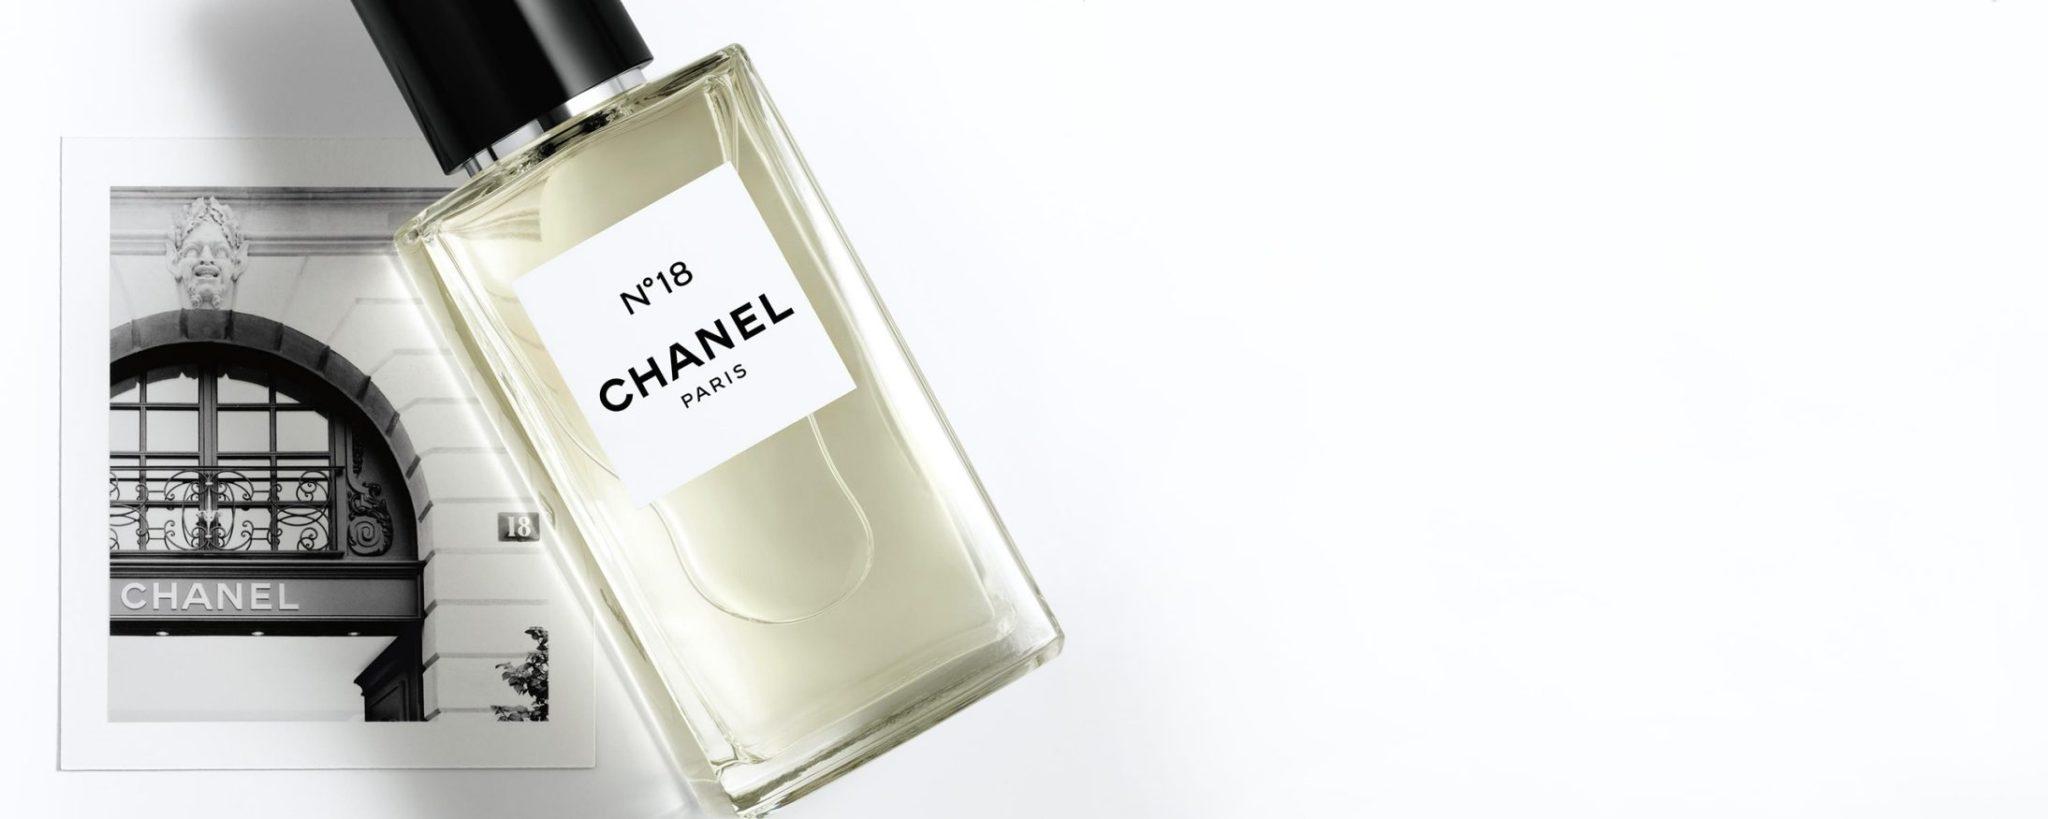 Chanel Les Exclusifs N°18 eau de parfum Esprit de Gabrielle espritdegabrielle.com